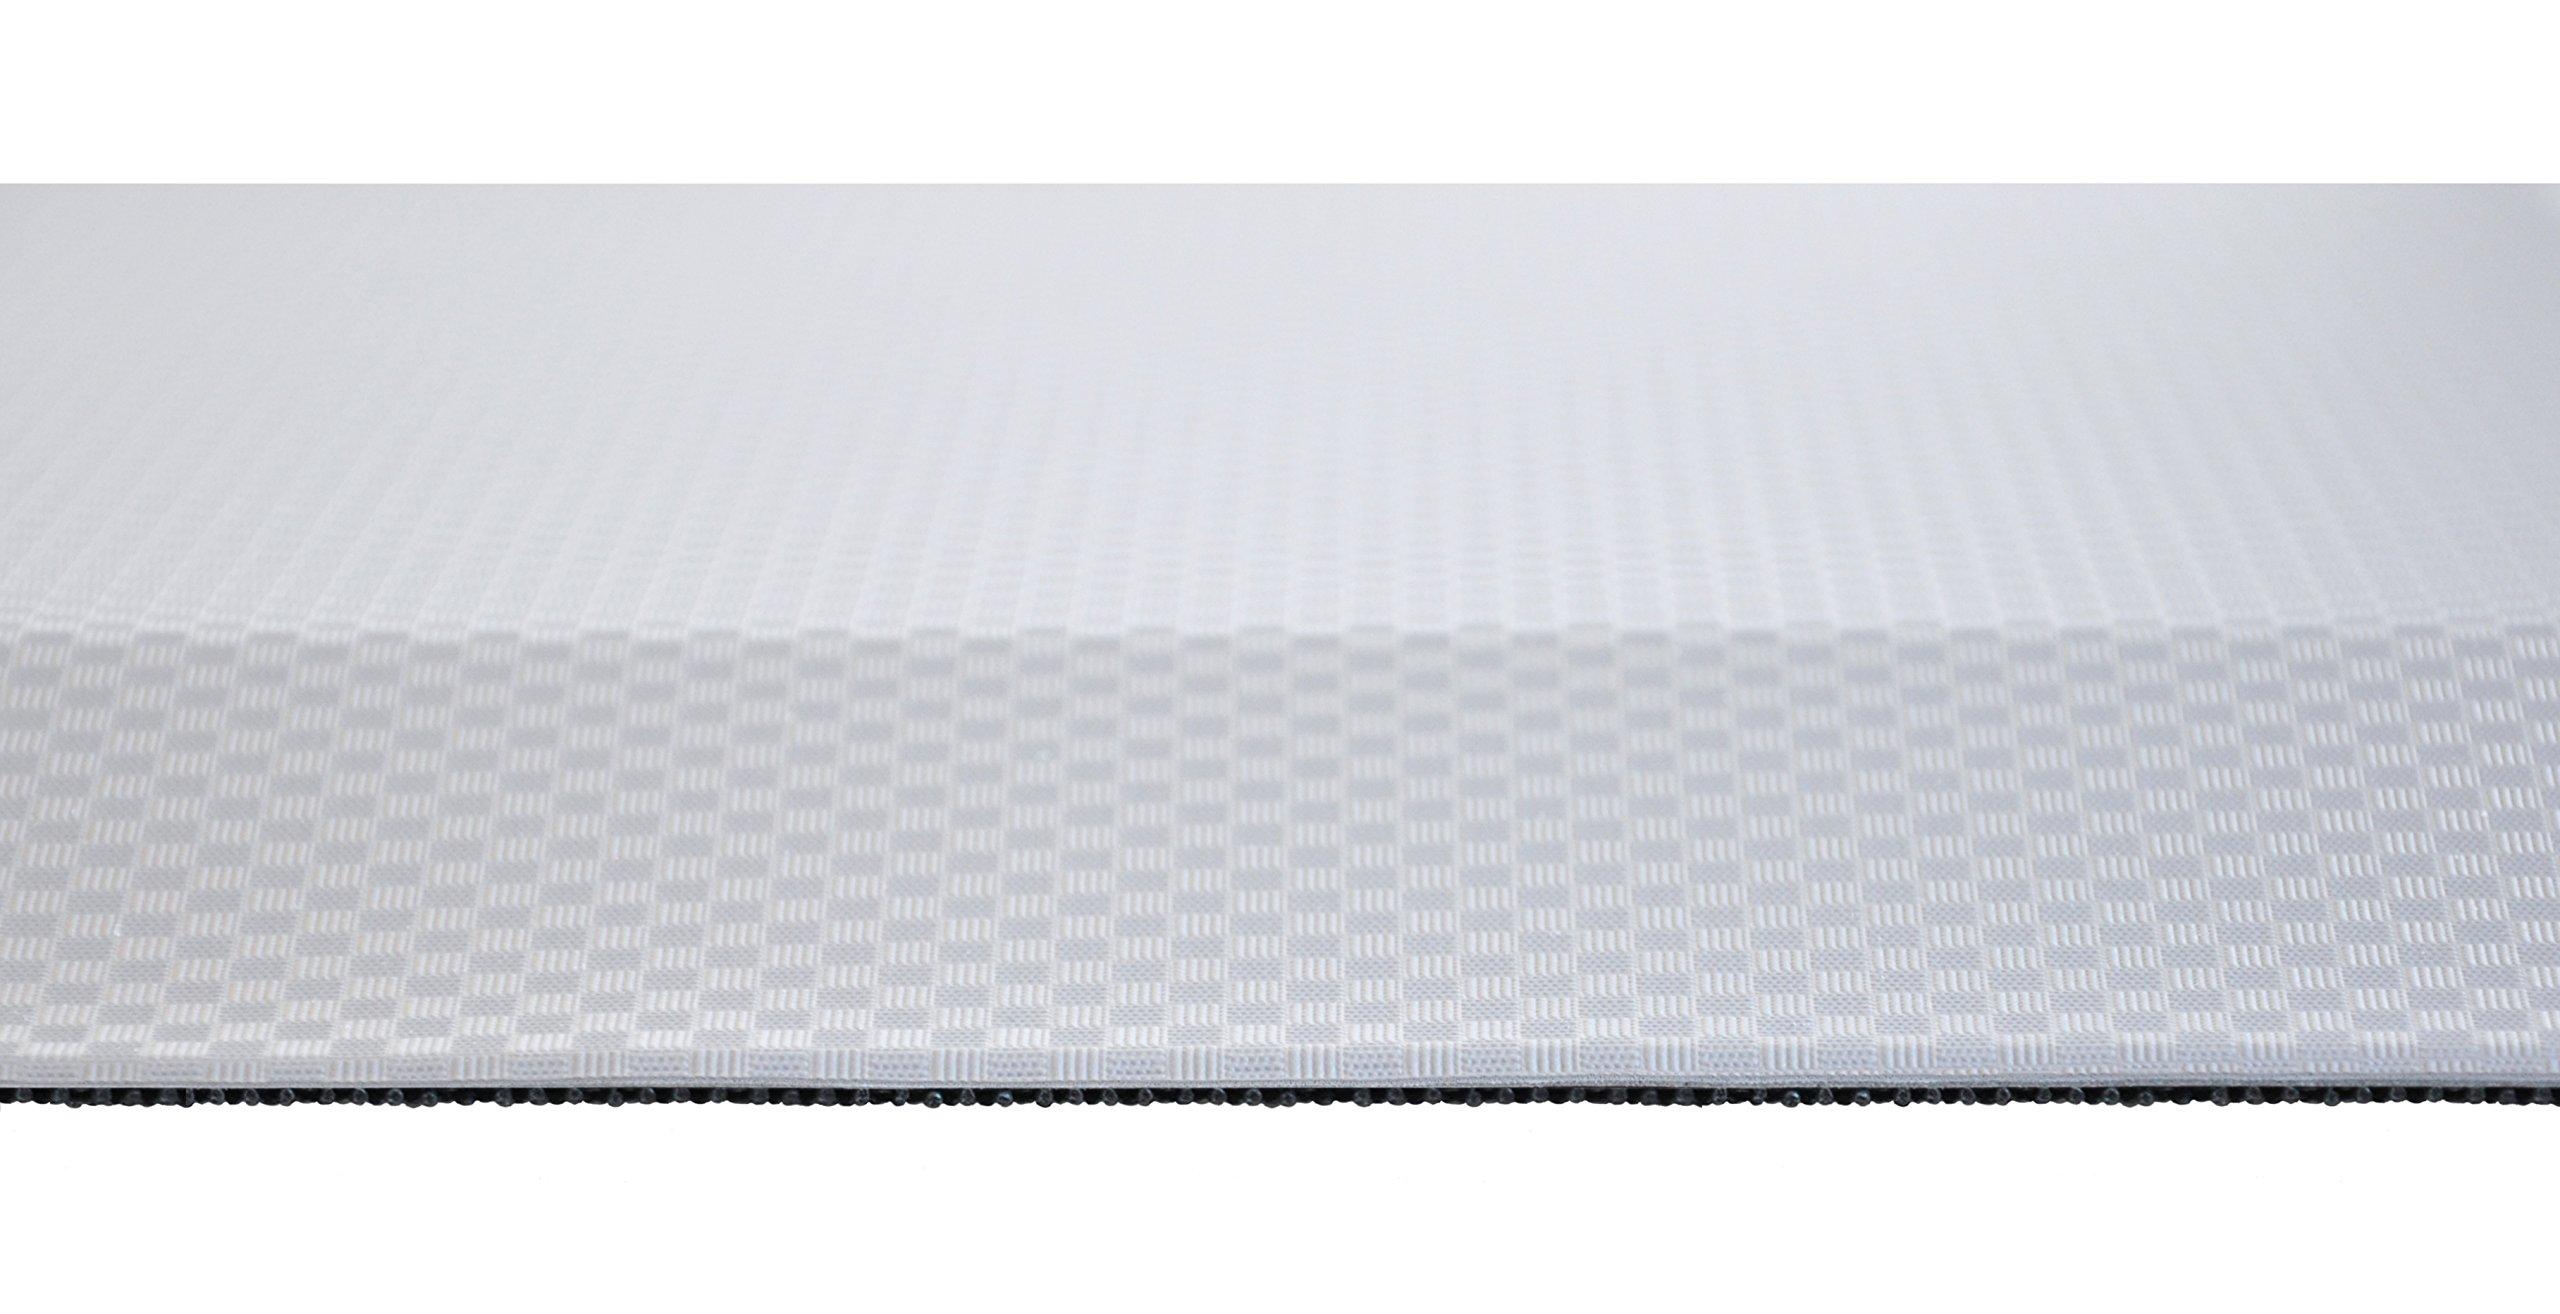 Nyortho Bedside Floor Mats For Elderly Fallshield